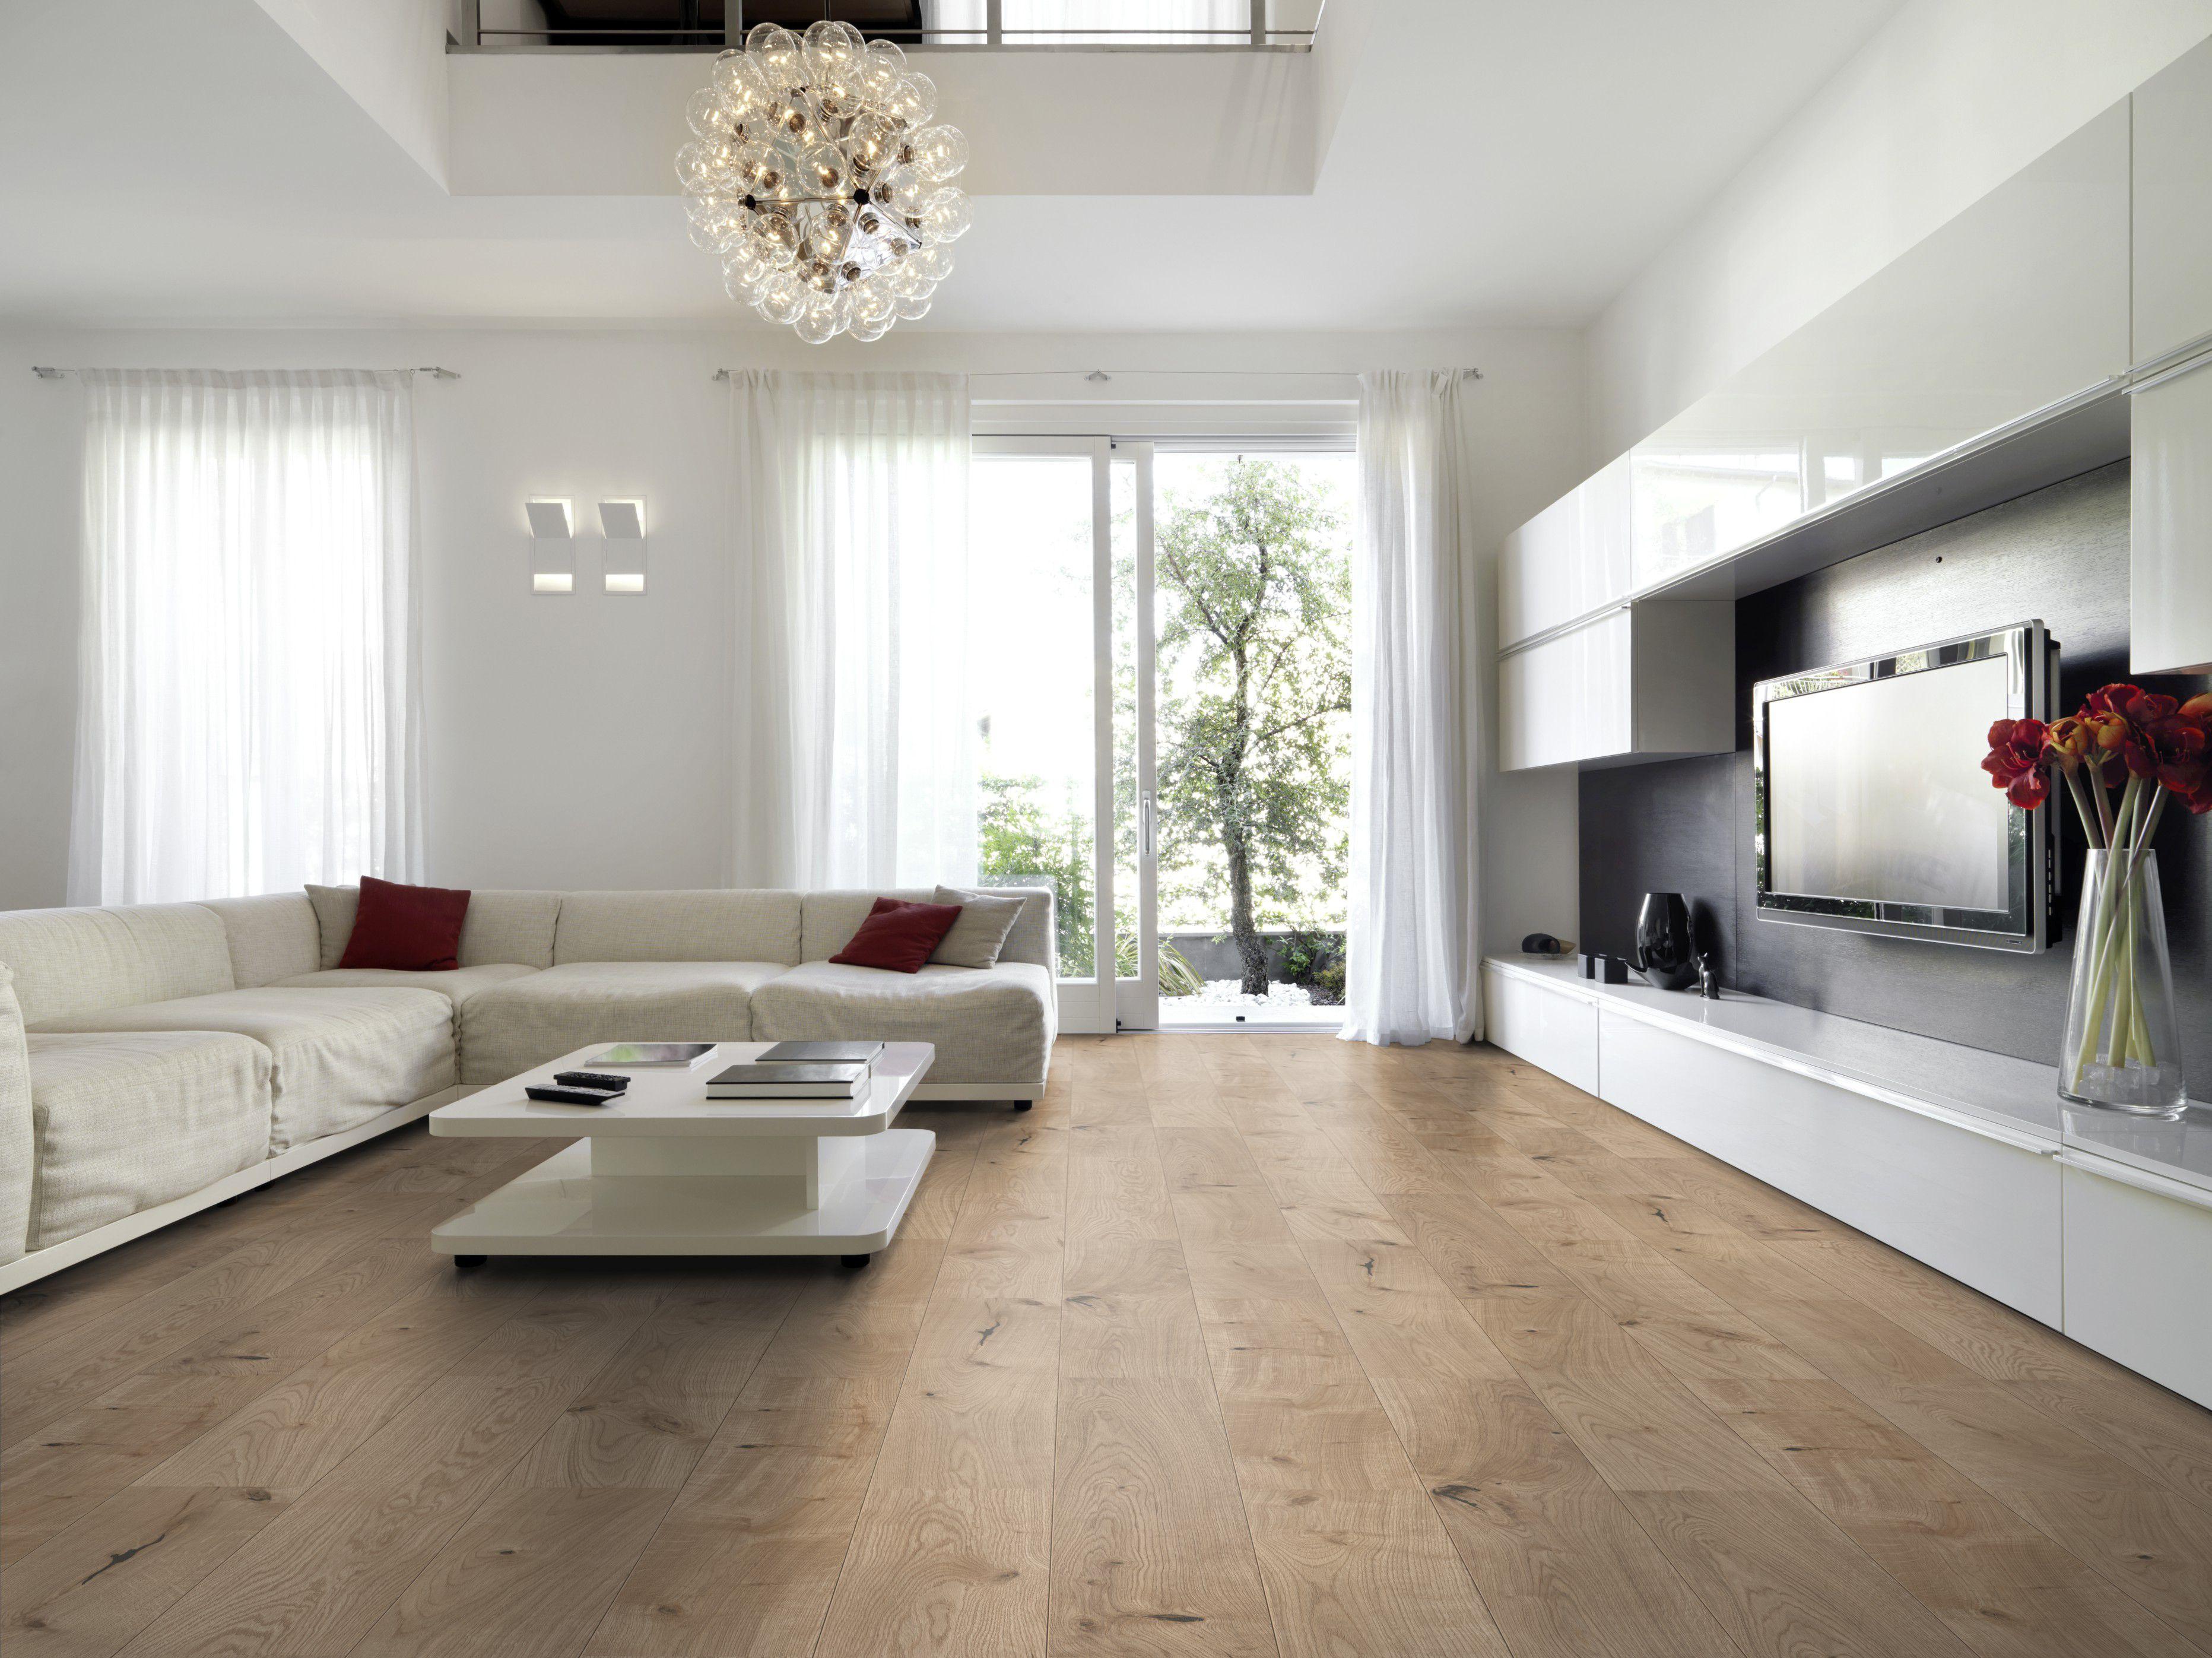 Laminaatvloer kopen vloerenkamer heeft top keuze laminaat hout